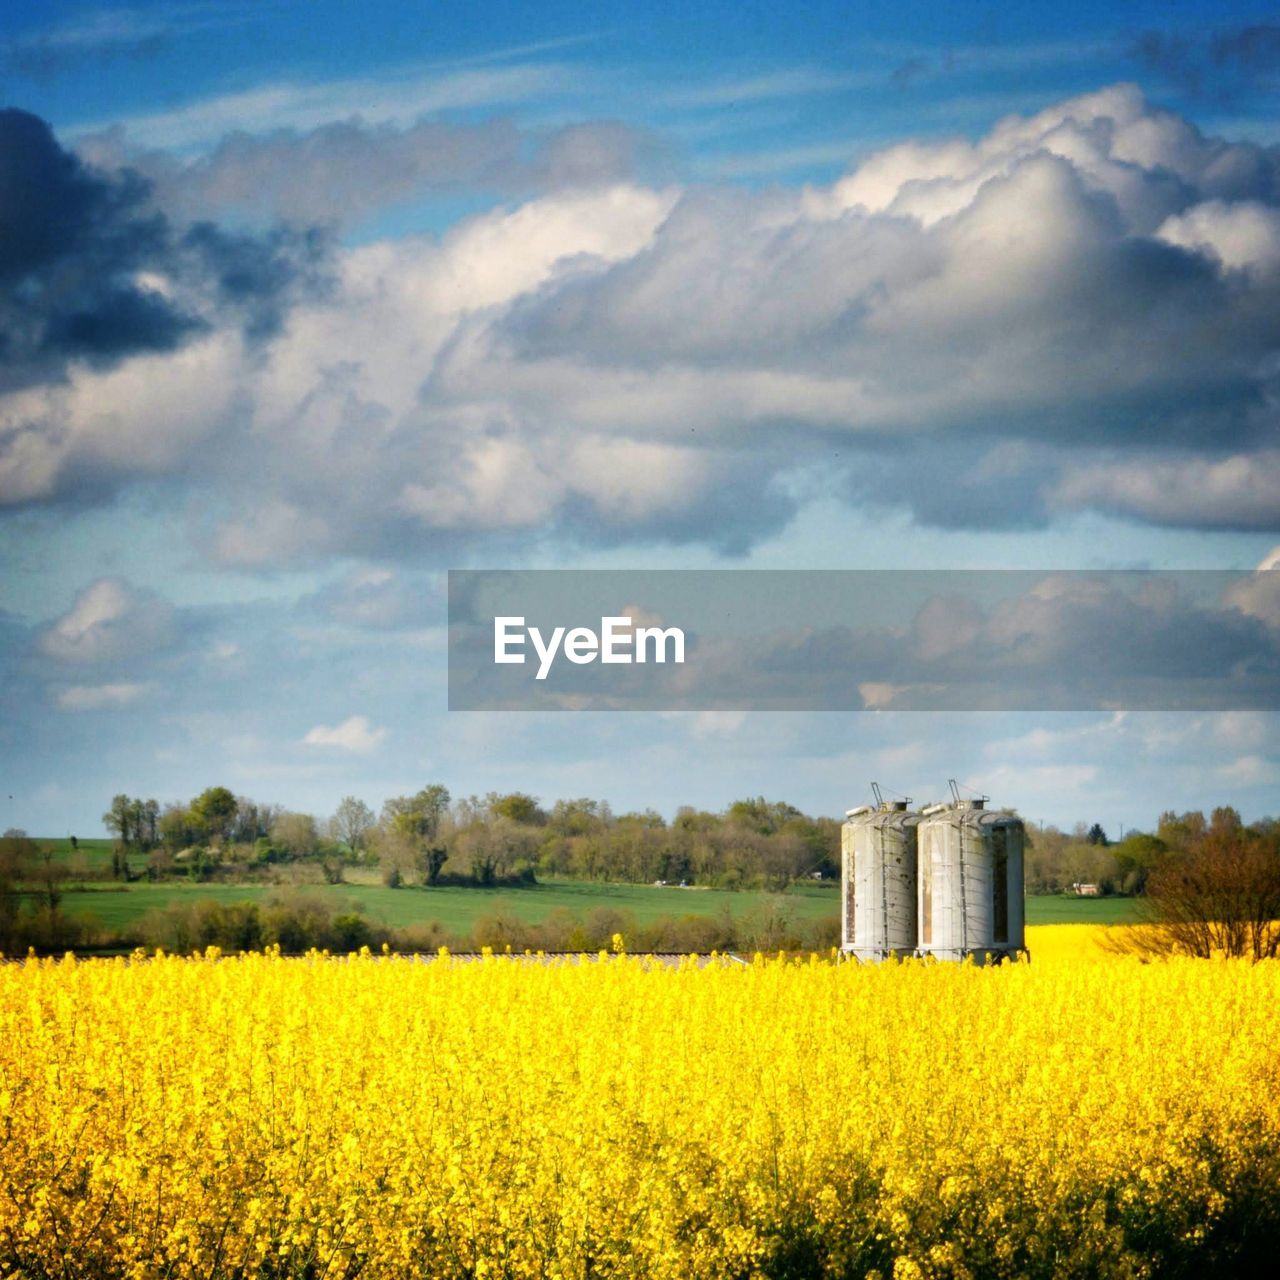 Silo on oilseed rape field against cloudy sky